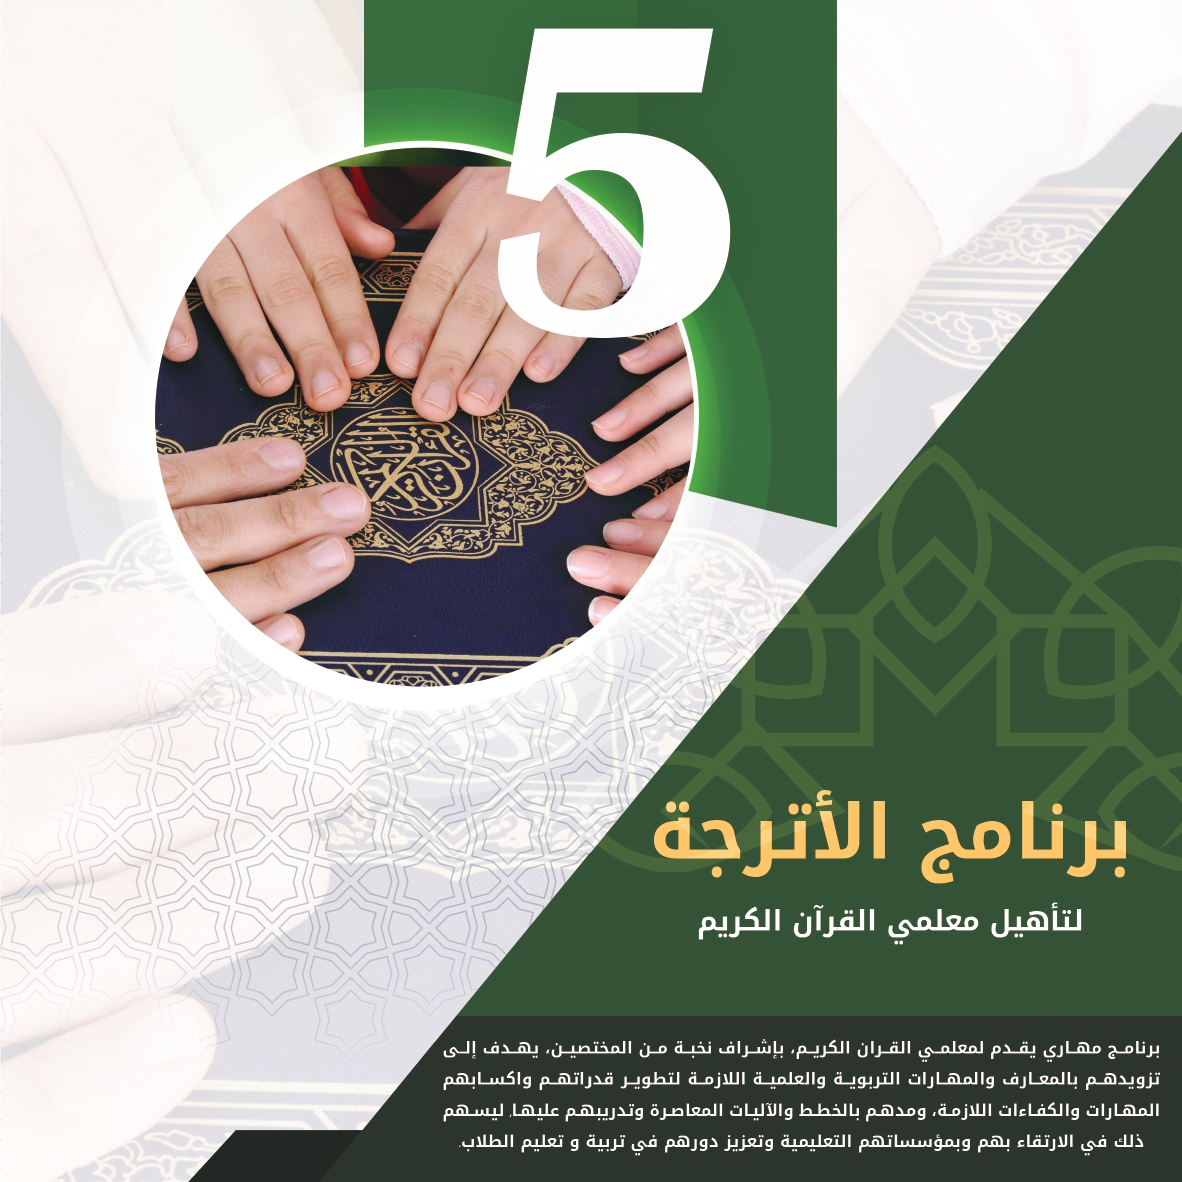 دبلوم الأترجّة لتأهيل معلّمي القرآن